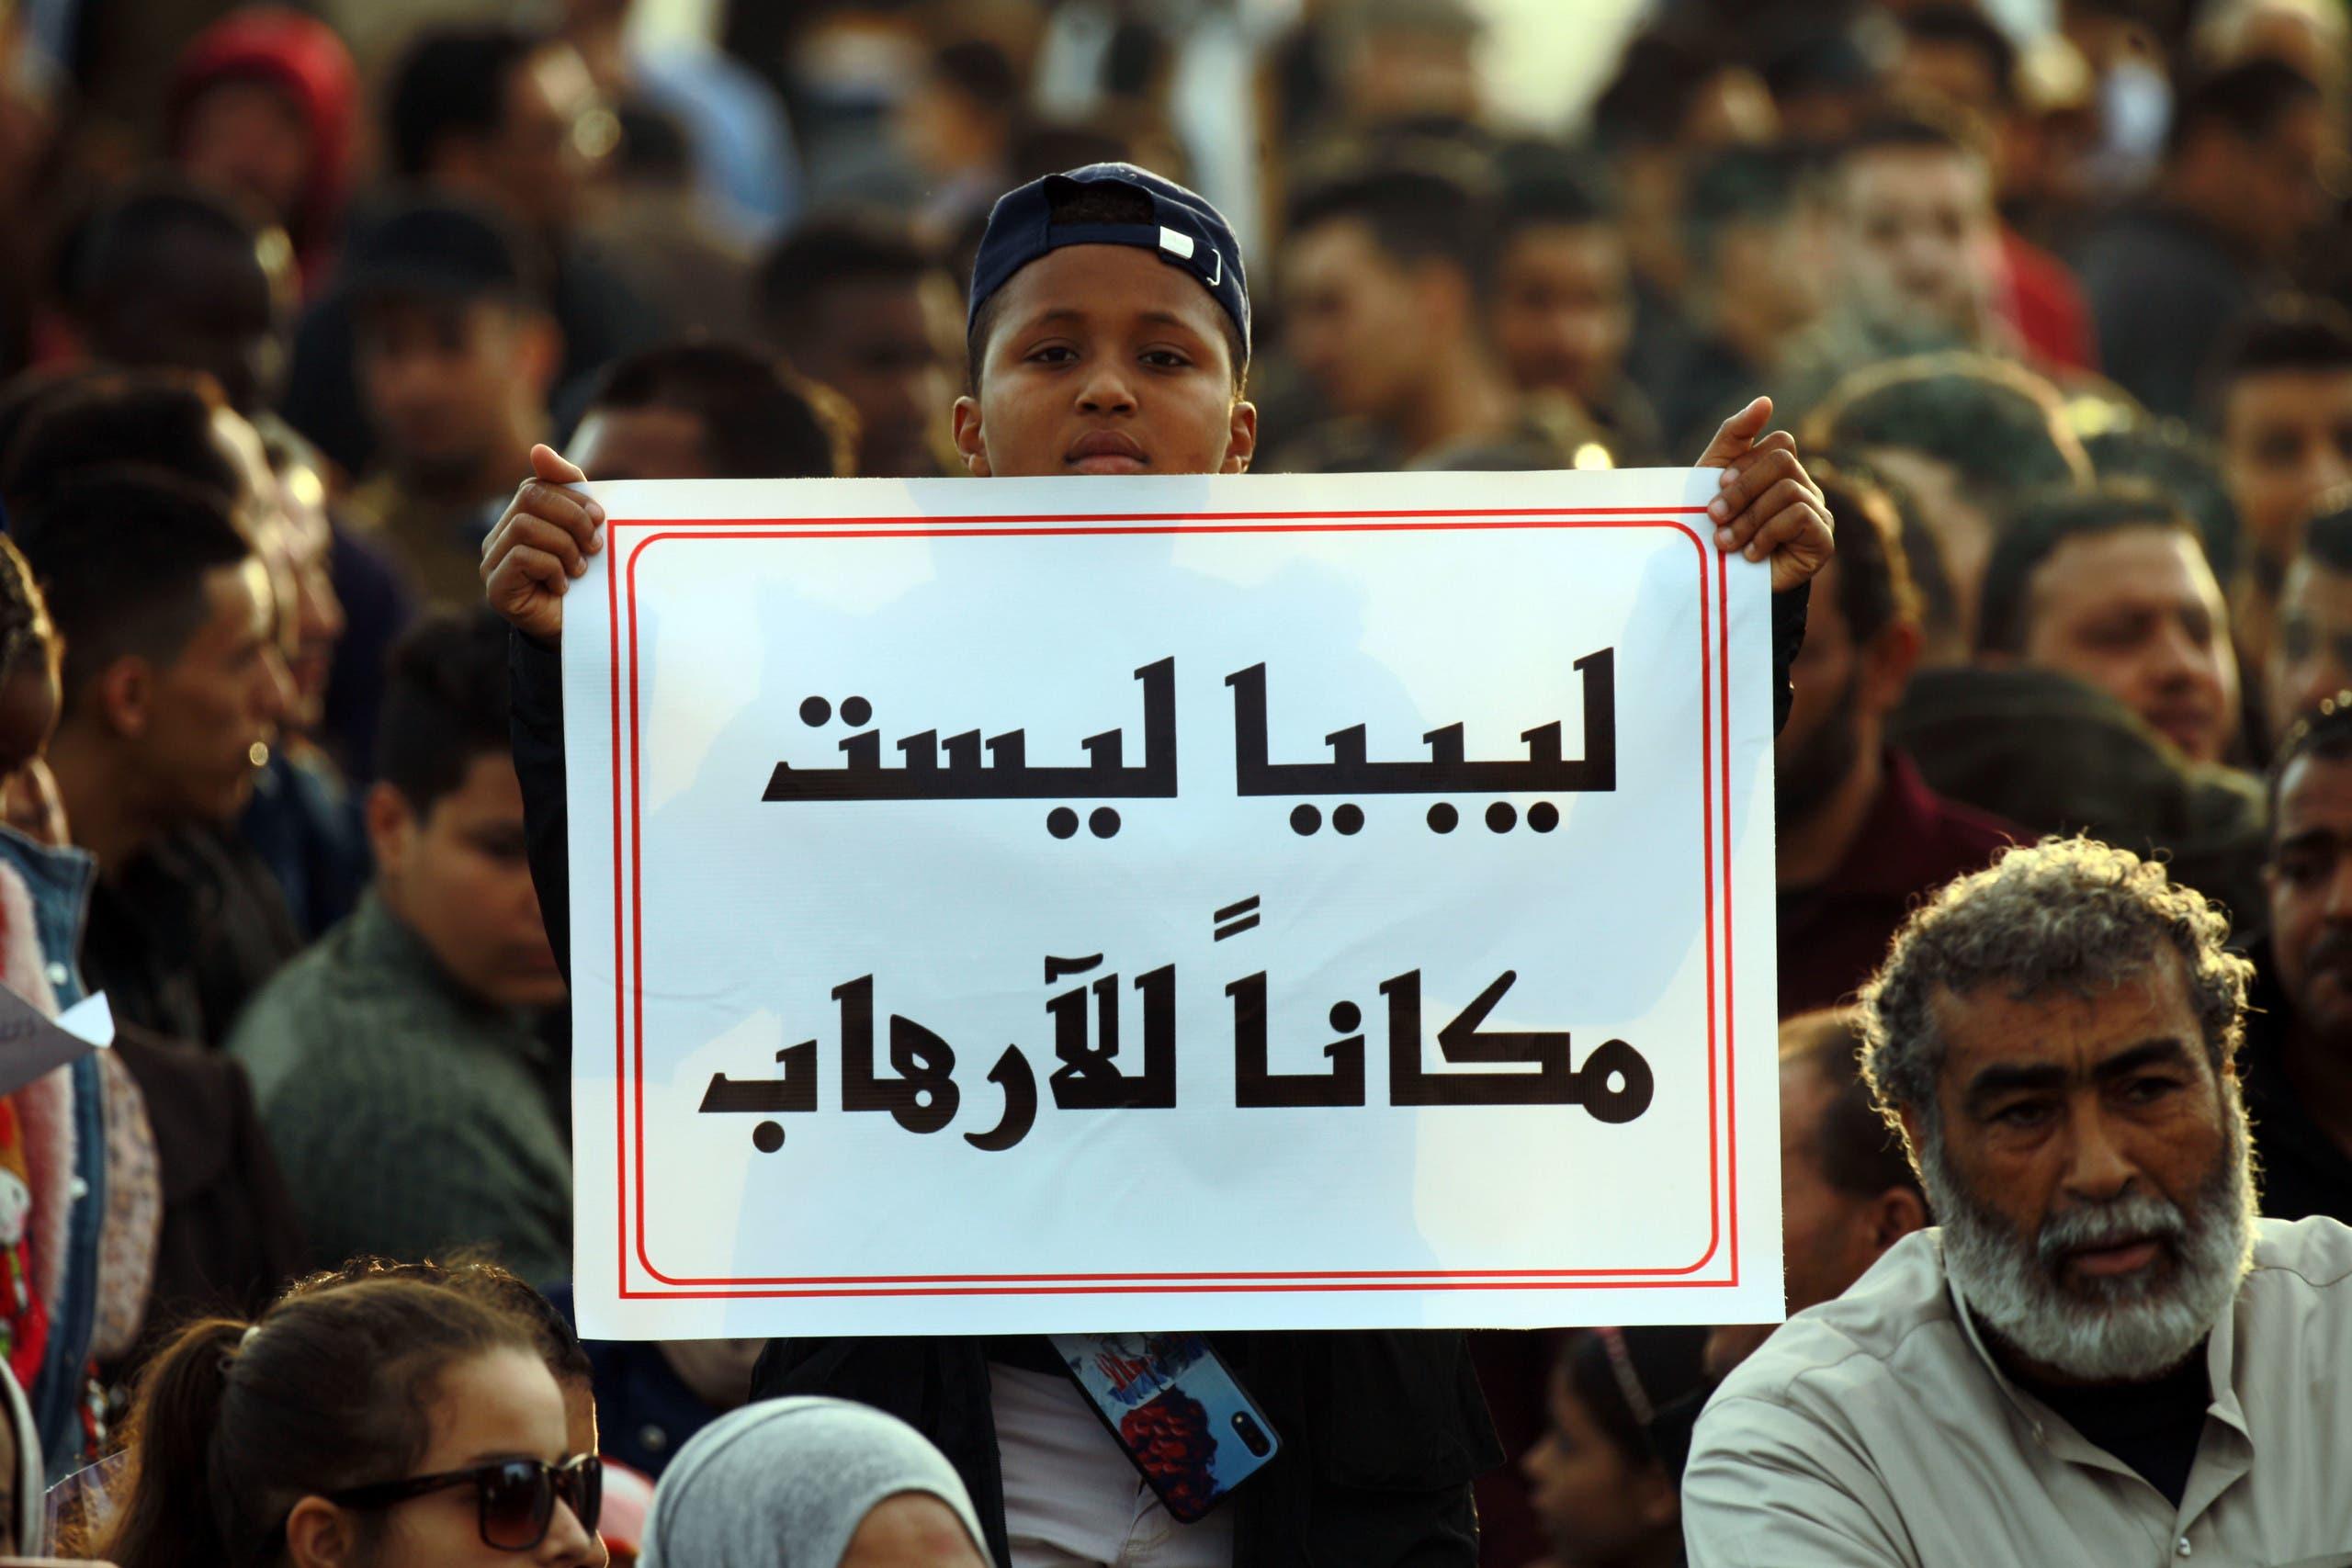 مناصرون للجيش الليبي يرفعون يافطة ضد الإرهاب (أرشيفية- فرانس برس)